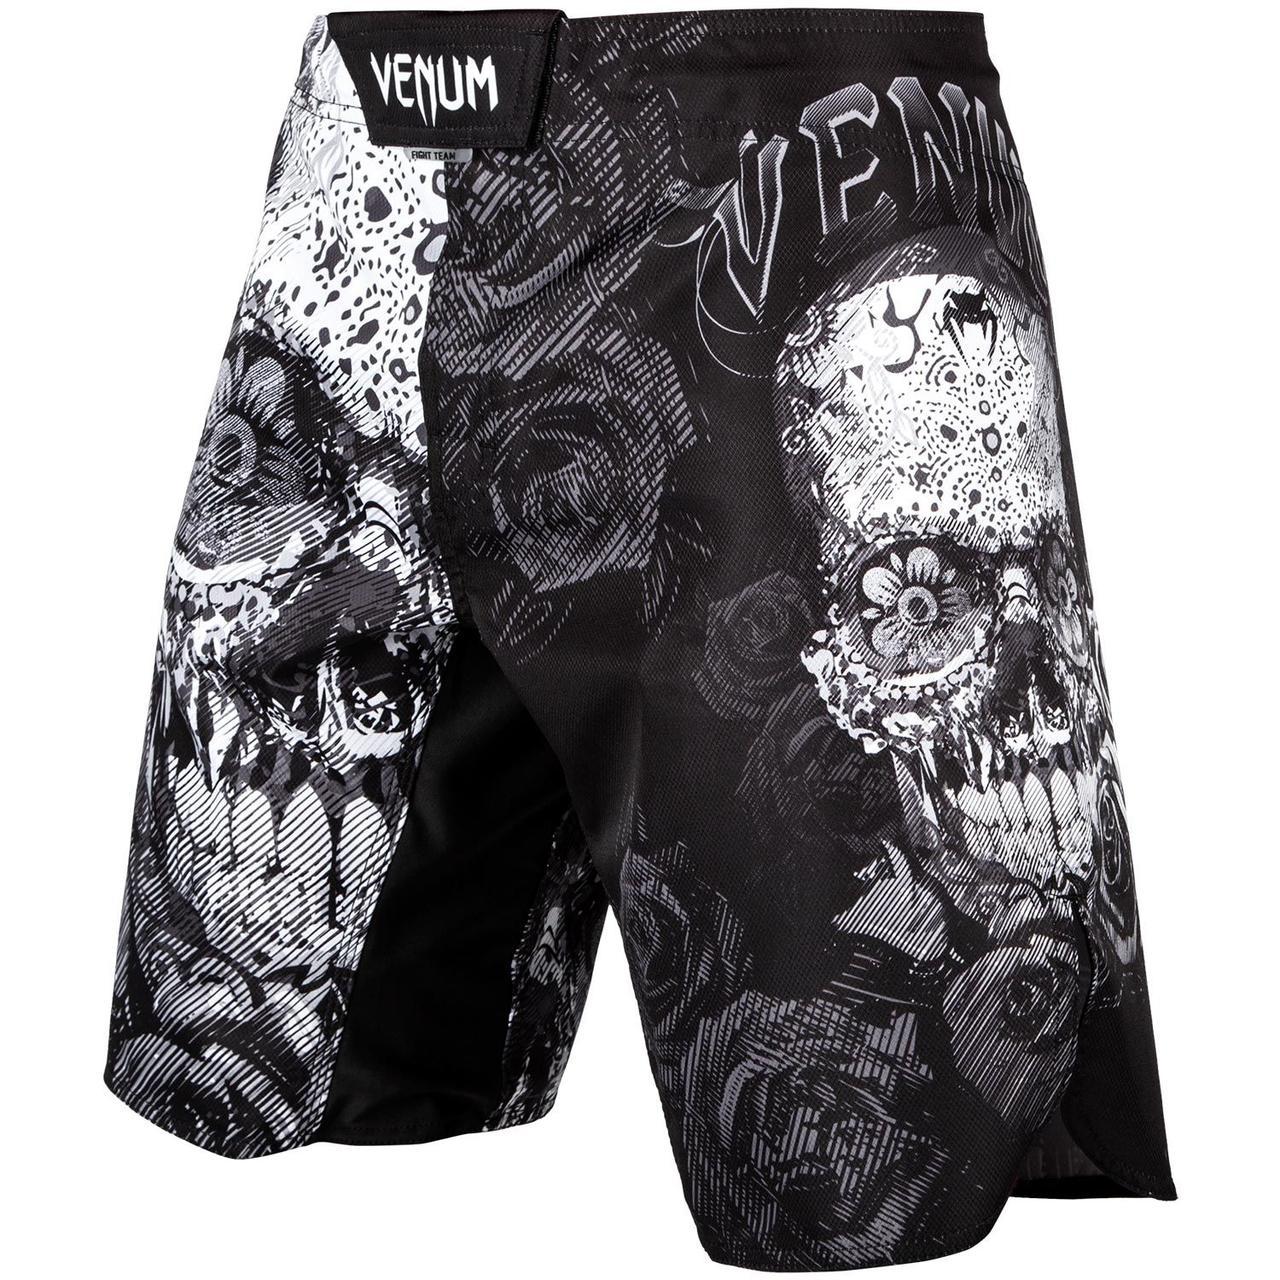 Шорти для MMA Venum Santa Muerte 3.0 Fightshorts Black White